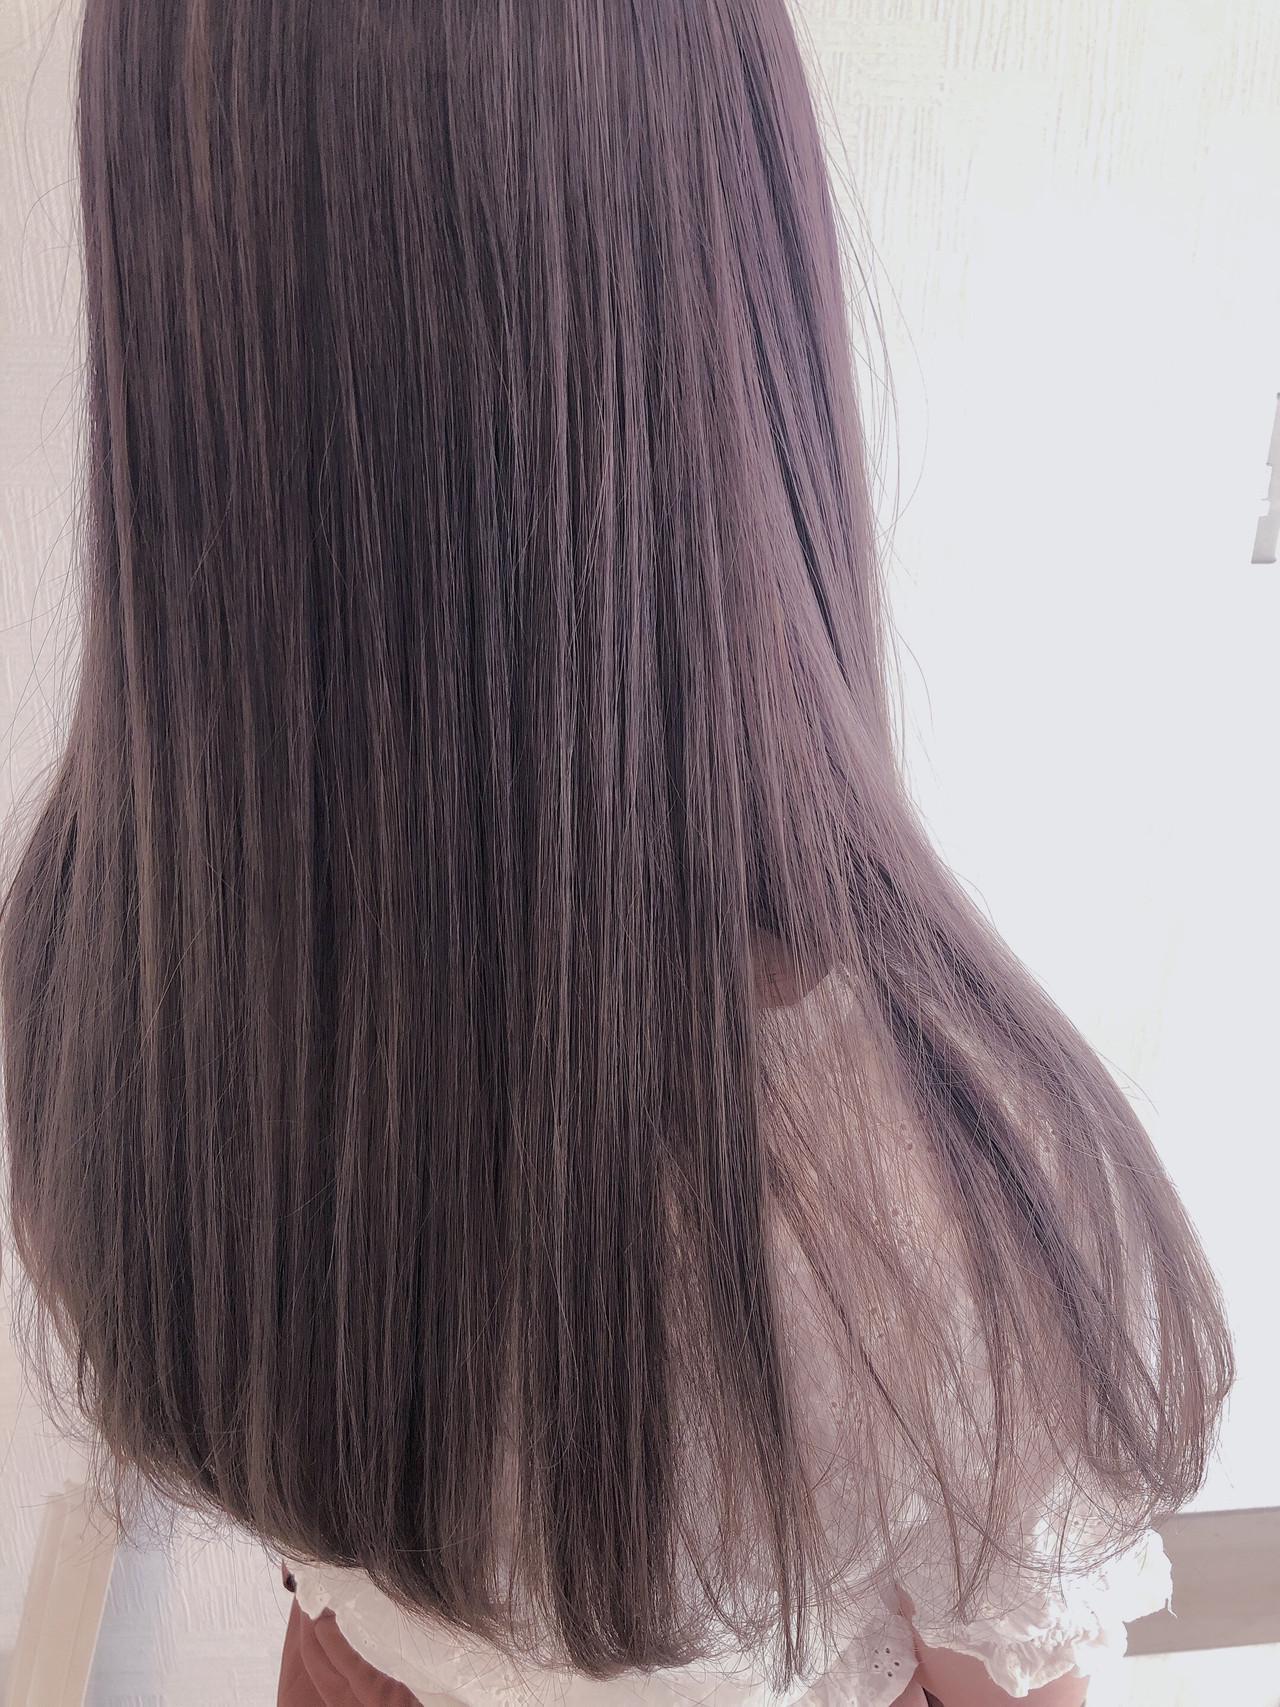 ラベンダーピンク セミロング ラベンダーグレージュ パープルアッシュ ヘアスタイルや髪型の写真・画像